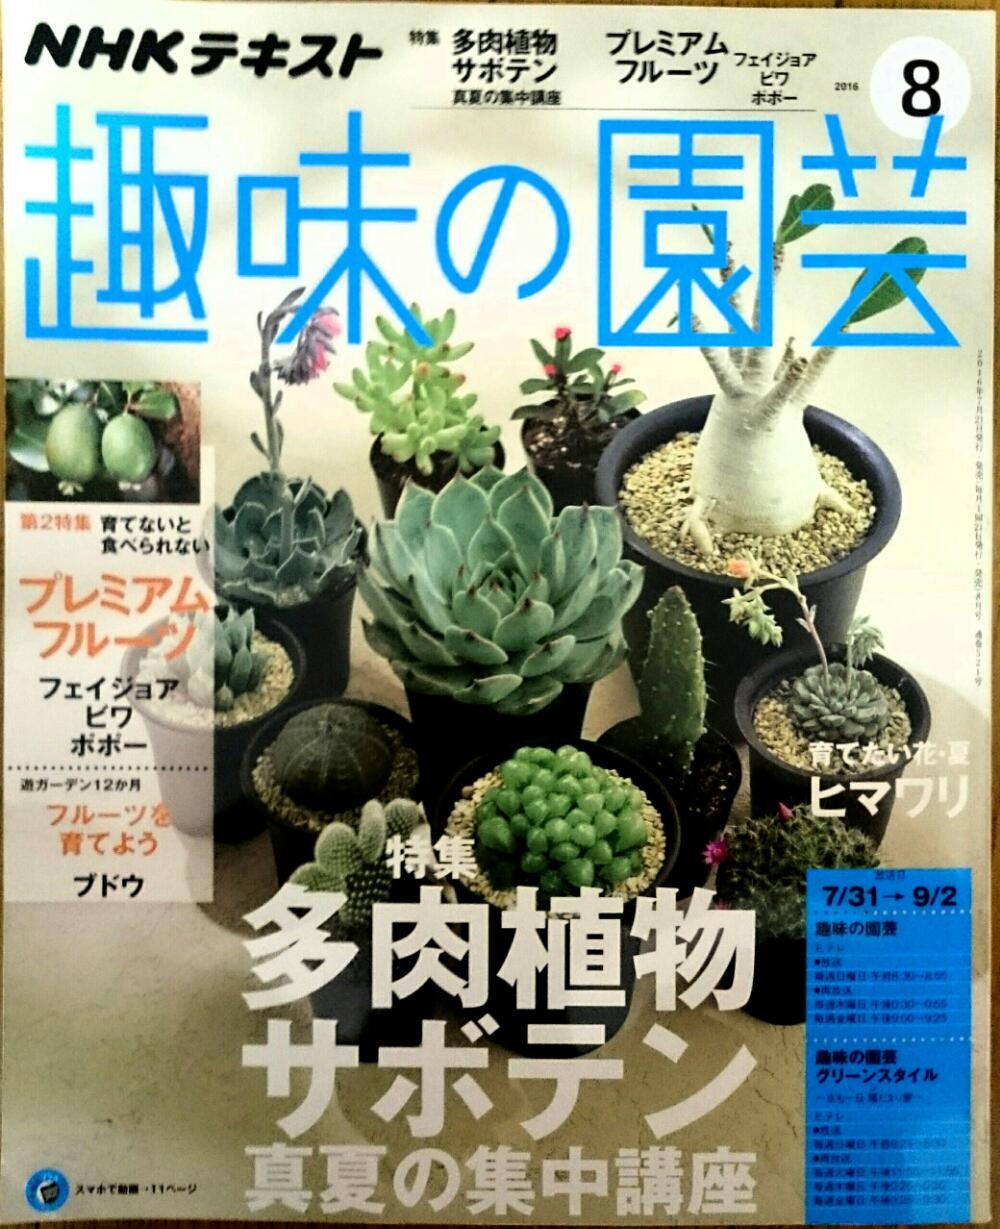 【趣味の園芸】特集多肉植物サボテン真夏の集中講座